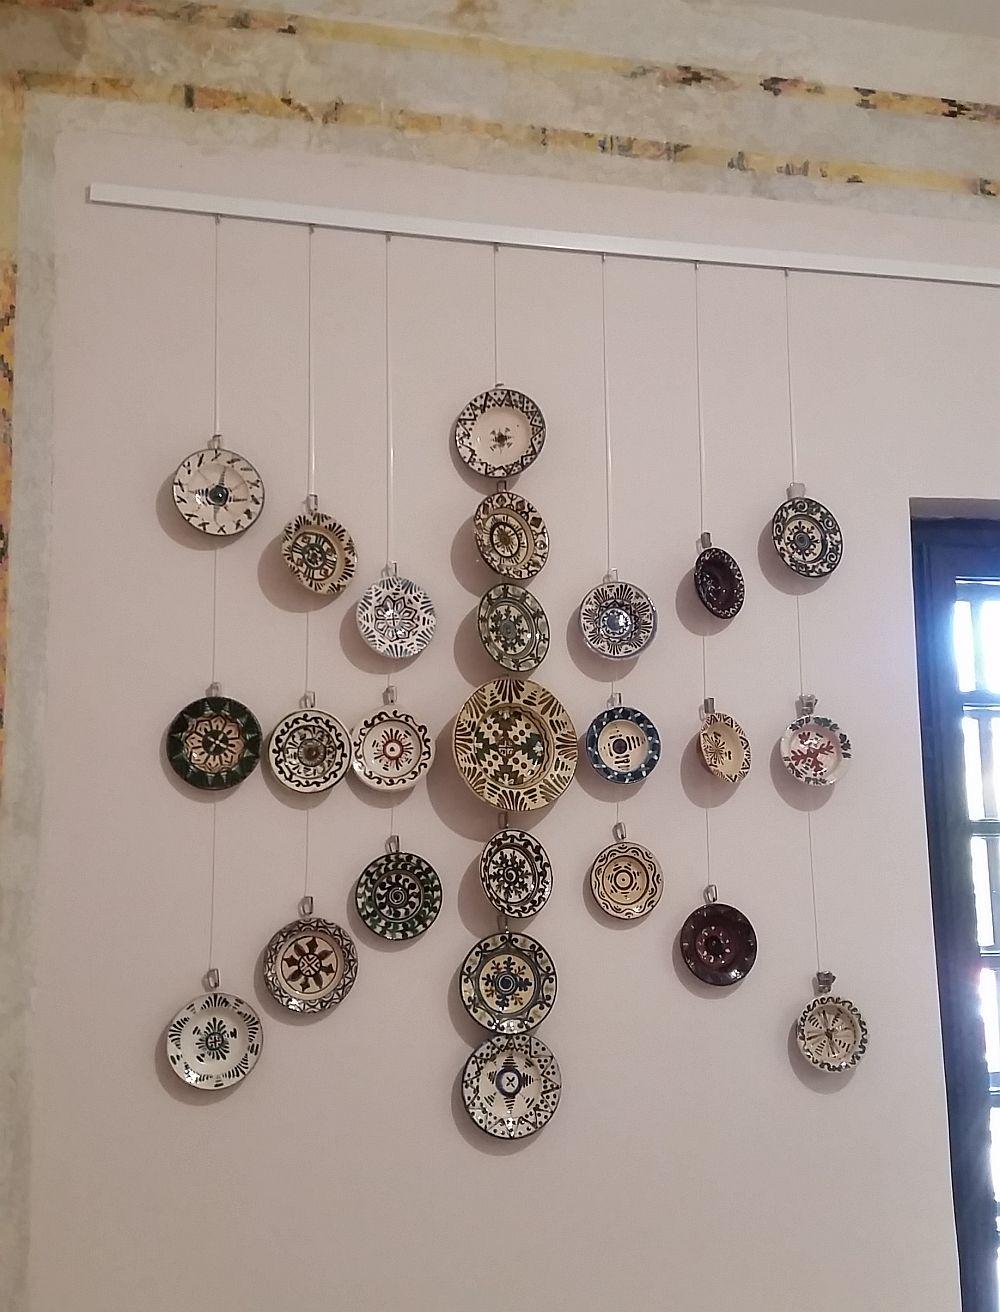 Instalație de farfurii din ceramică pe holul de la etajul Vilei Minovici. Se pot vedea și brîurile pictate sau ce s-a mai putut recupera din ele.